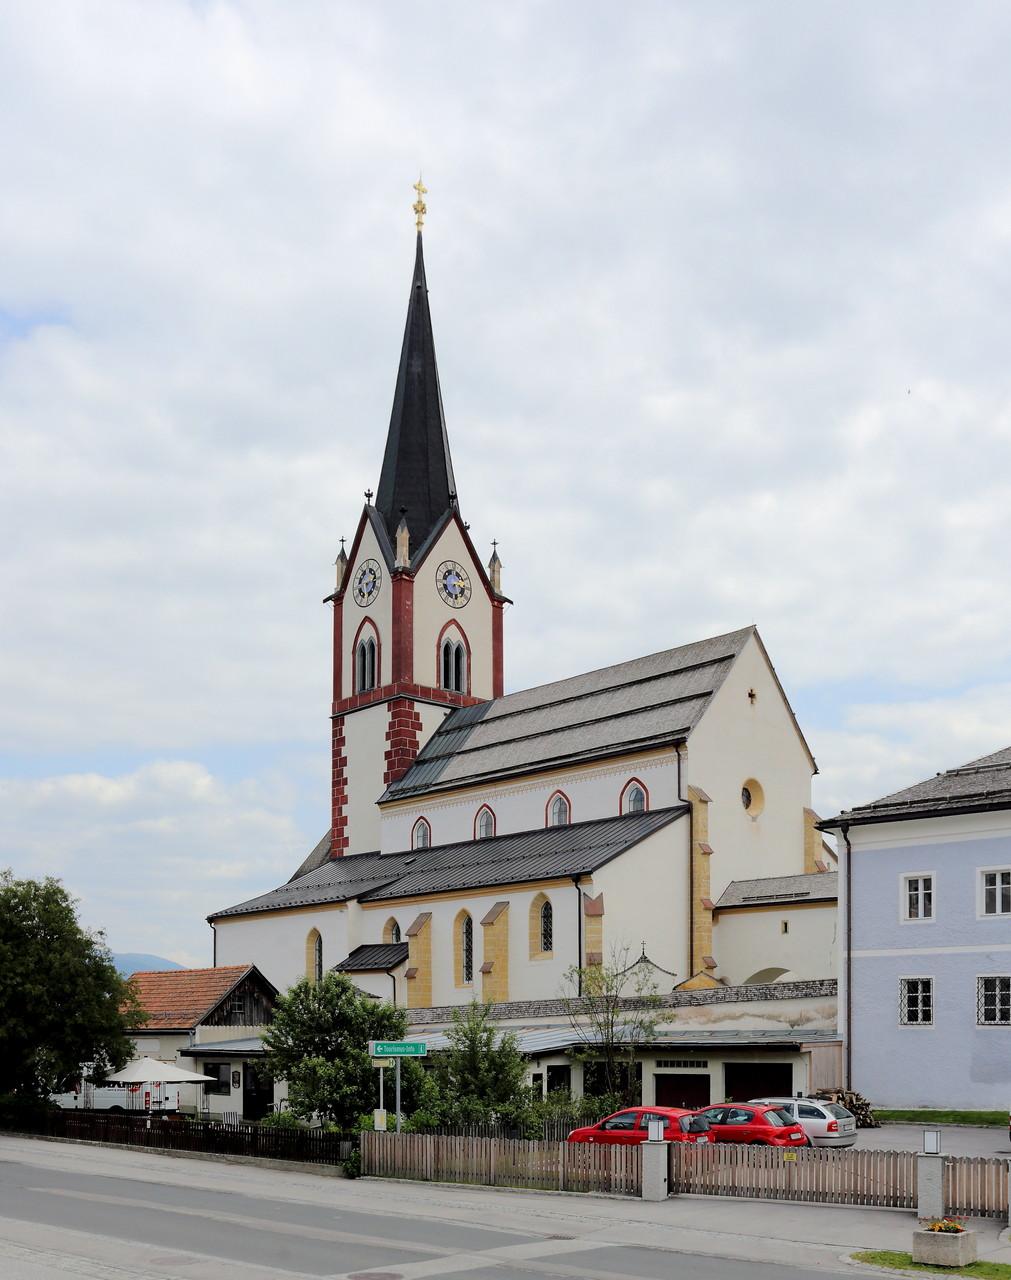 Pfarr-und Wallfahrtskirche